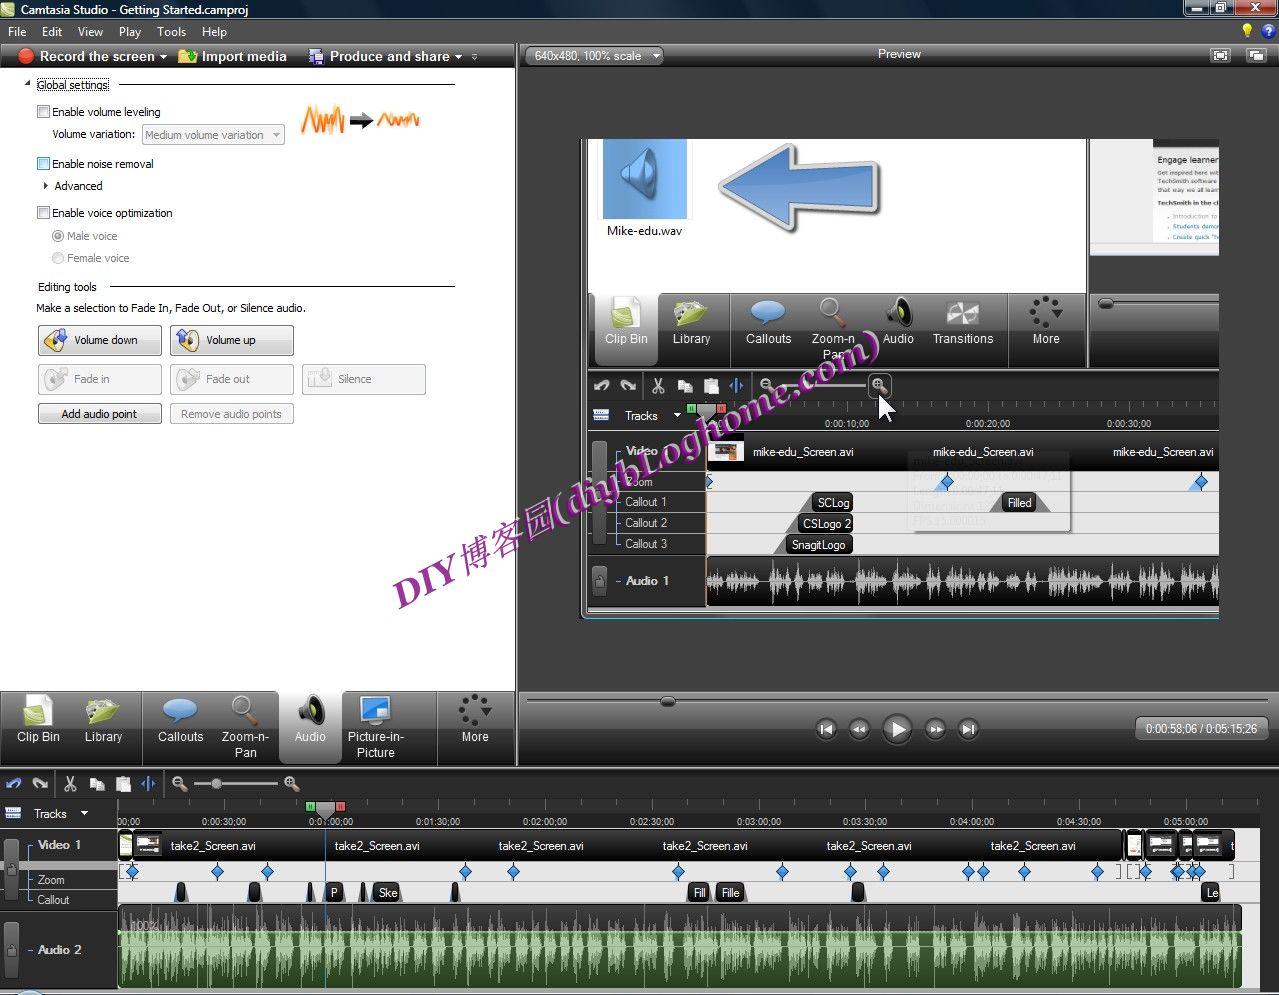 屏幕录像软件Camtasia Studio 6汉化版+视频教程